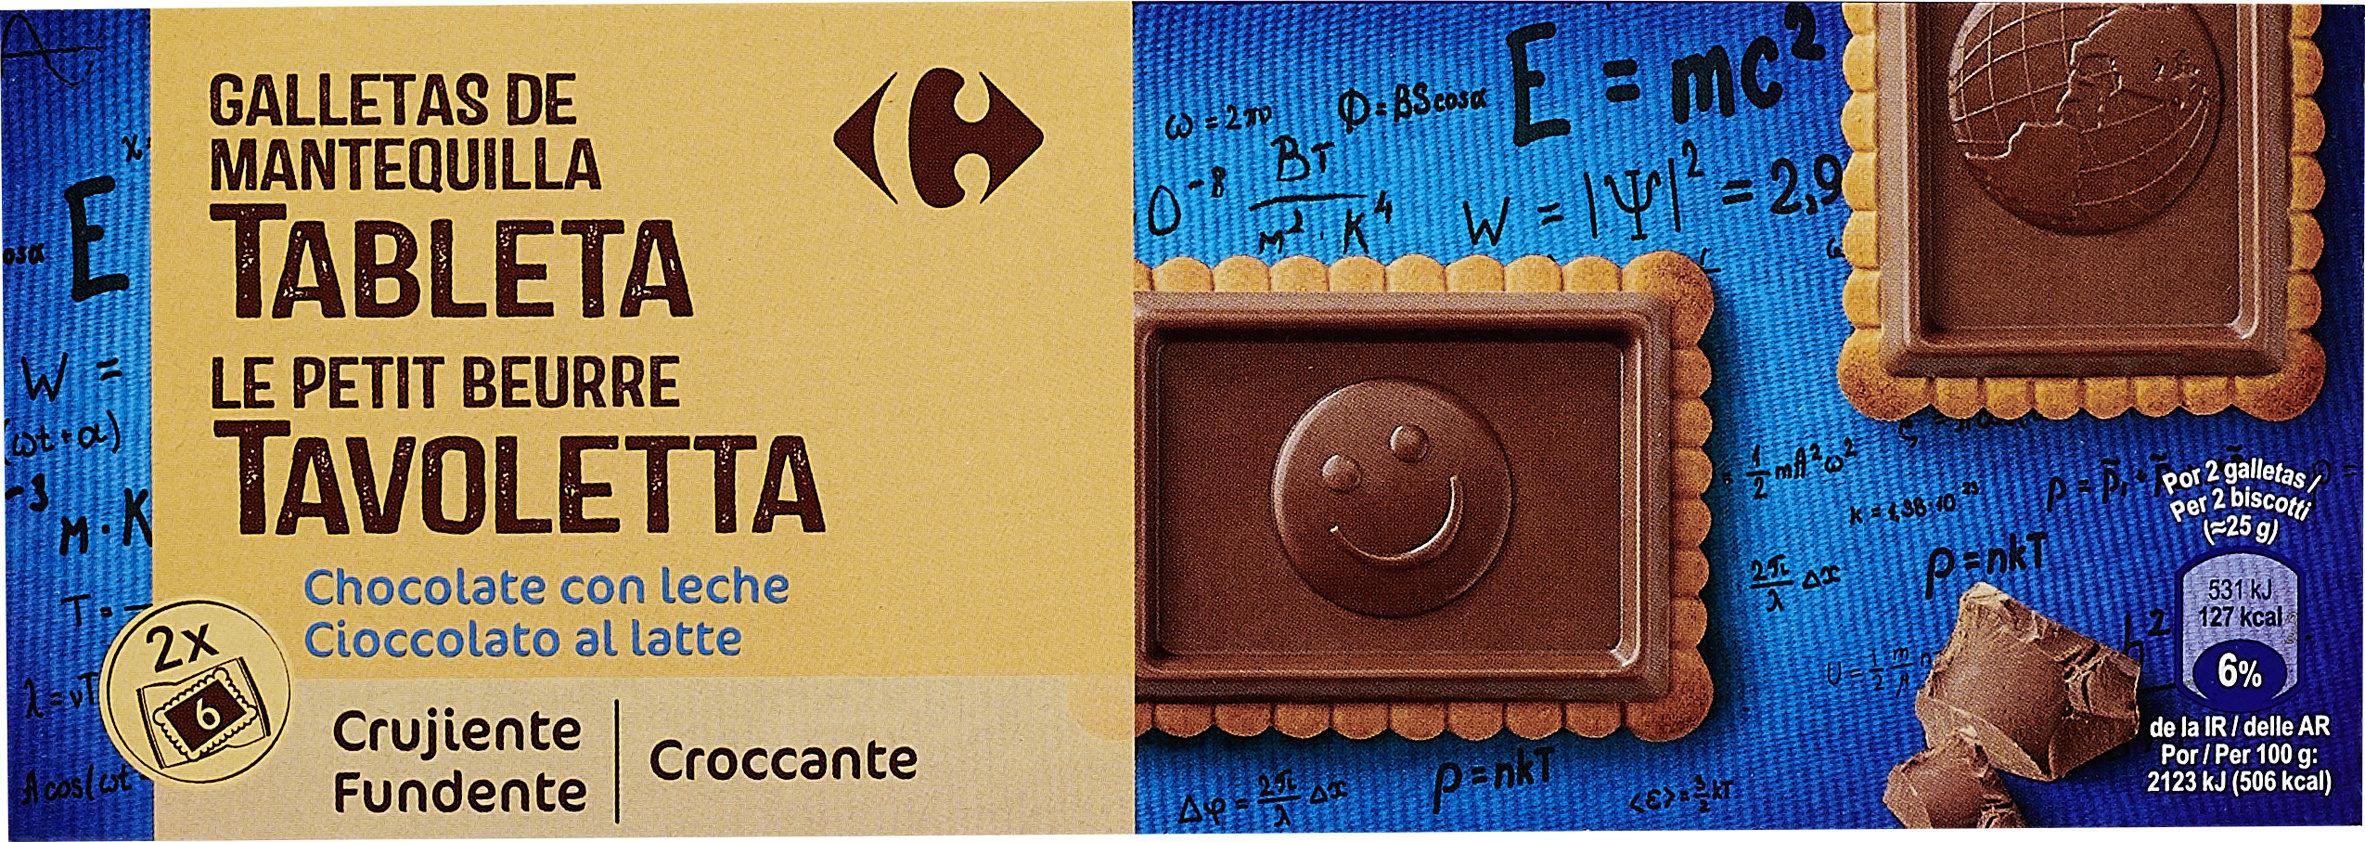 Galletas de mantequilla  tableta chocolate con leche - Produit - es